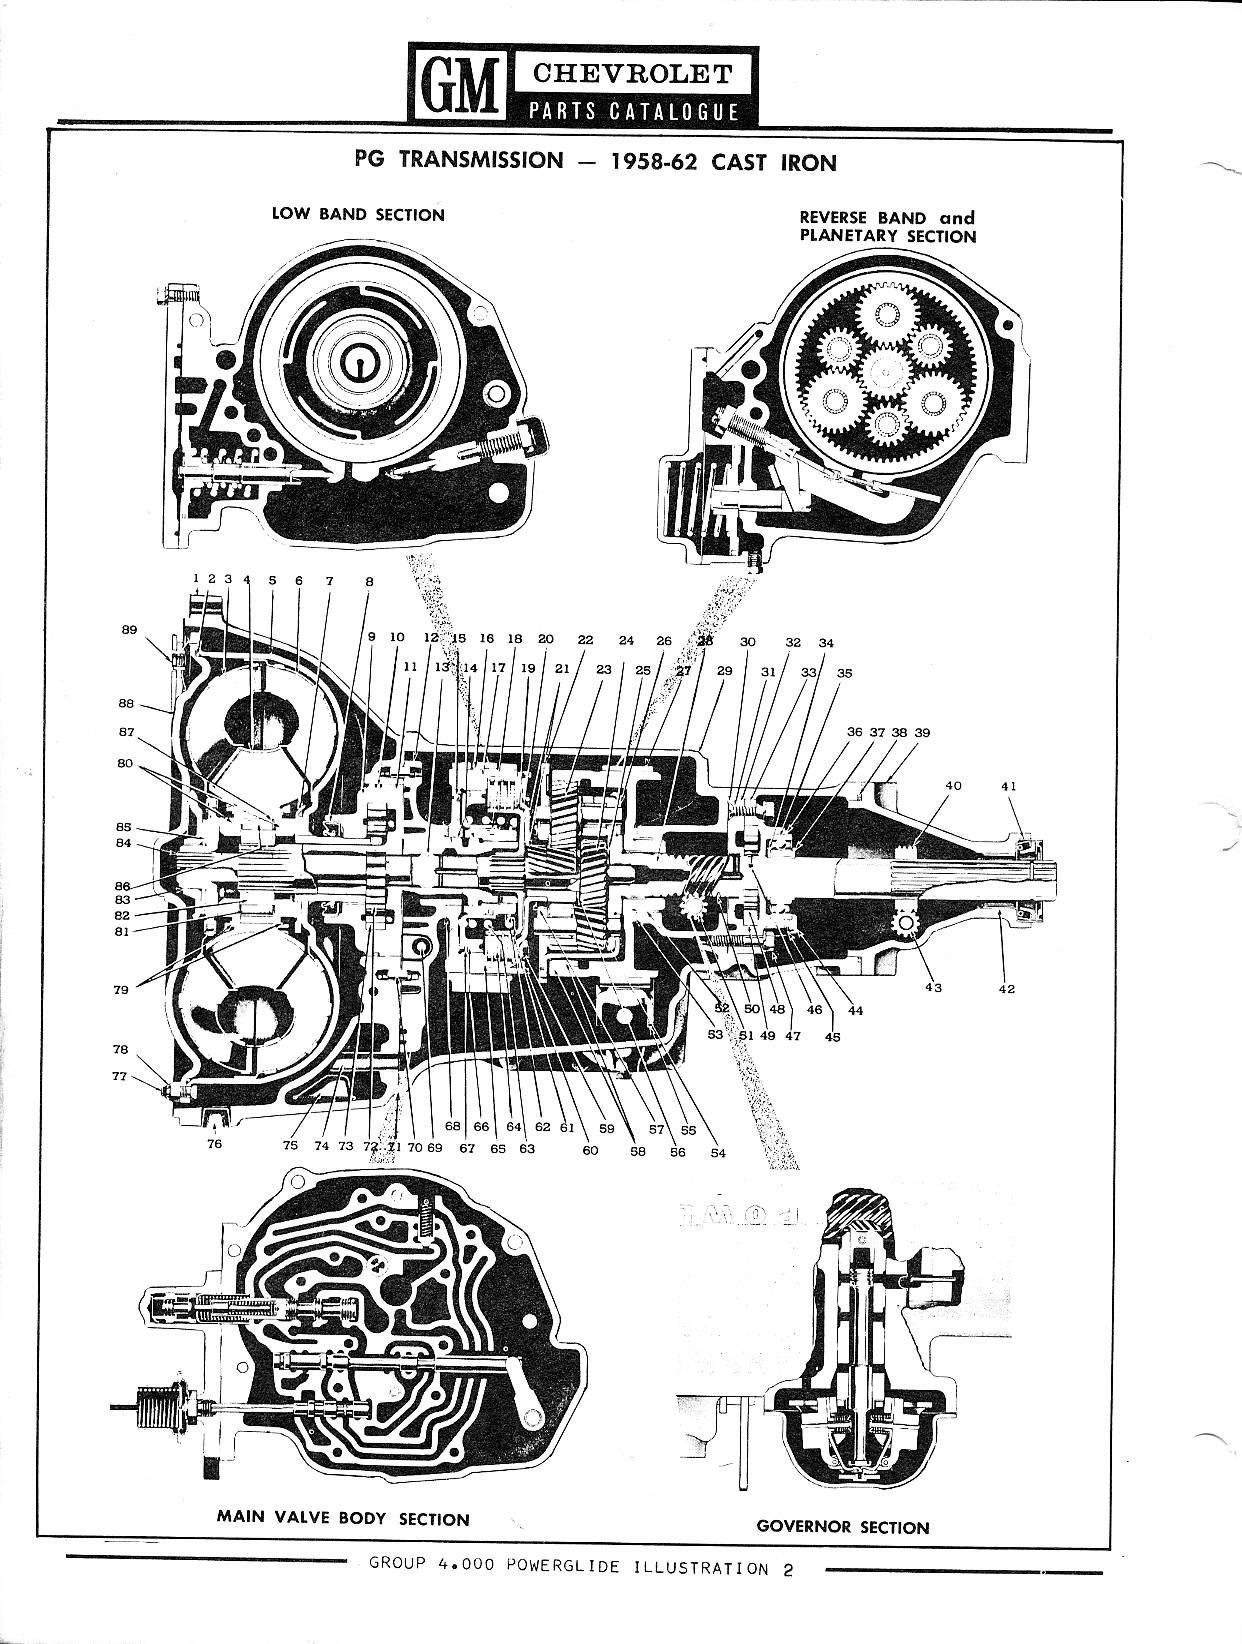 1958 cadillac vacuum diagram  cadillac  auto wiring diagram